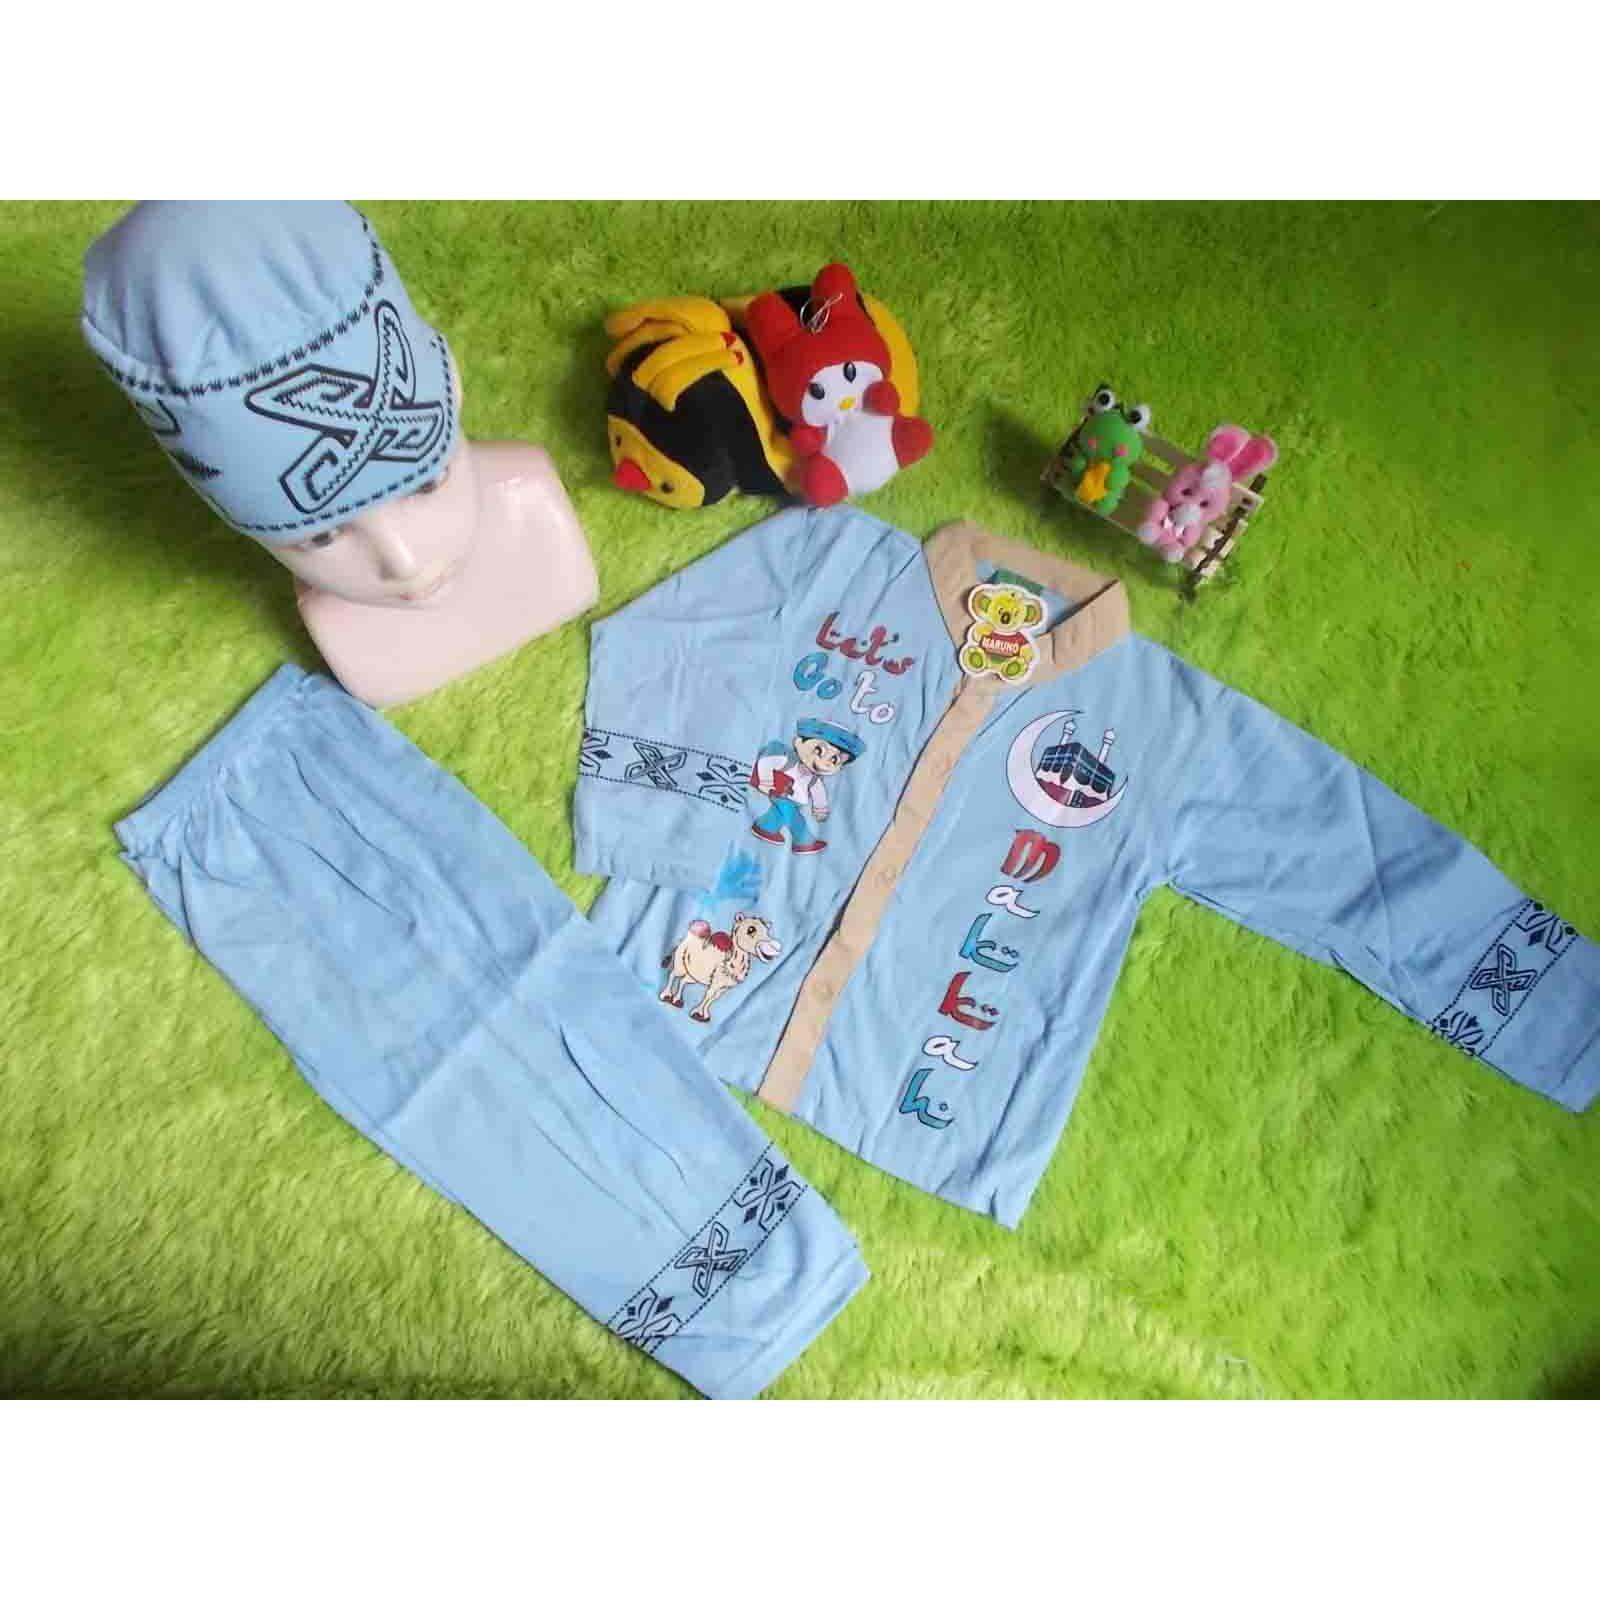 kembarshop - setelan baju koko anak baju muslim 4 tahun biru muda plus peci motif random